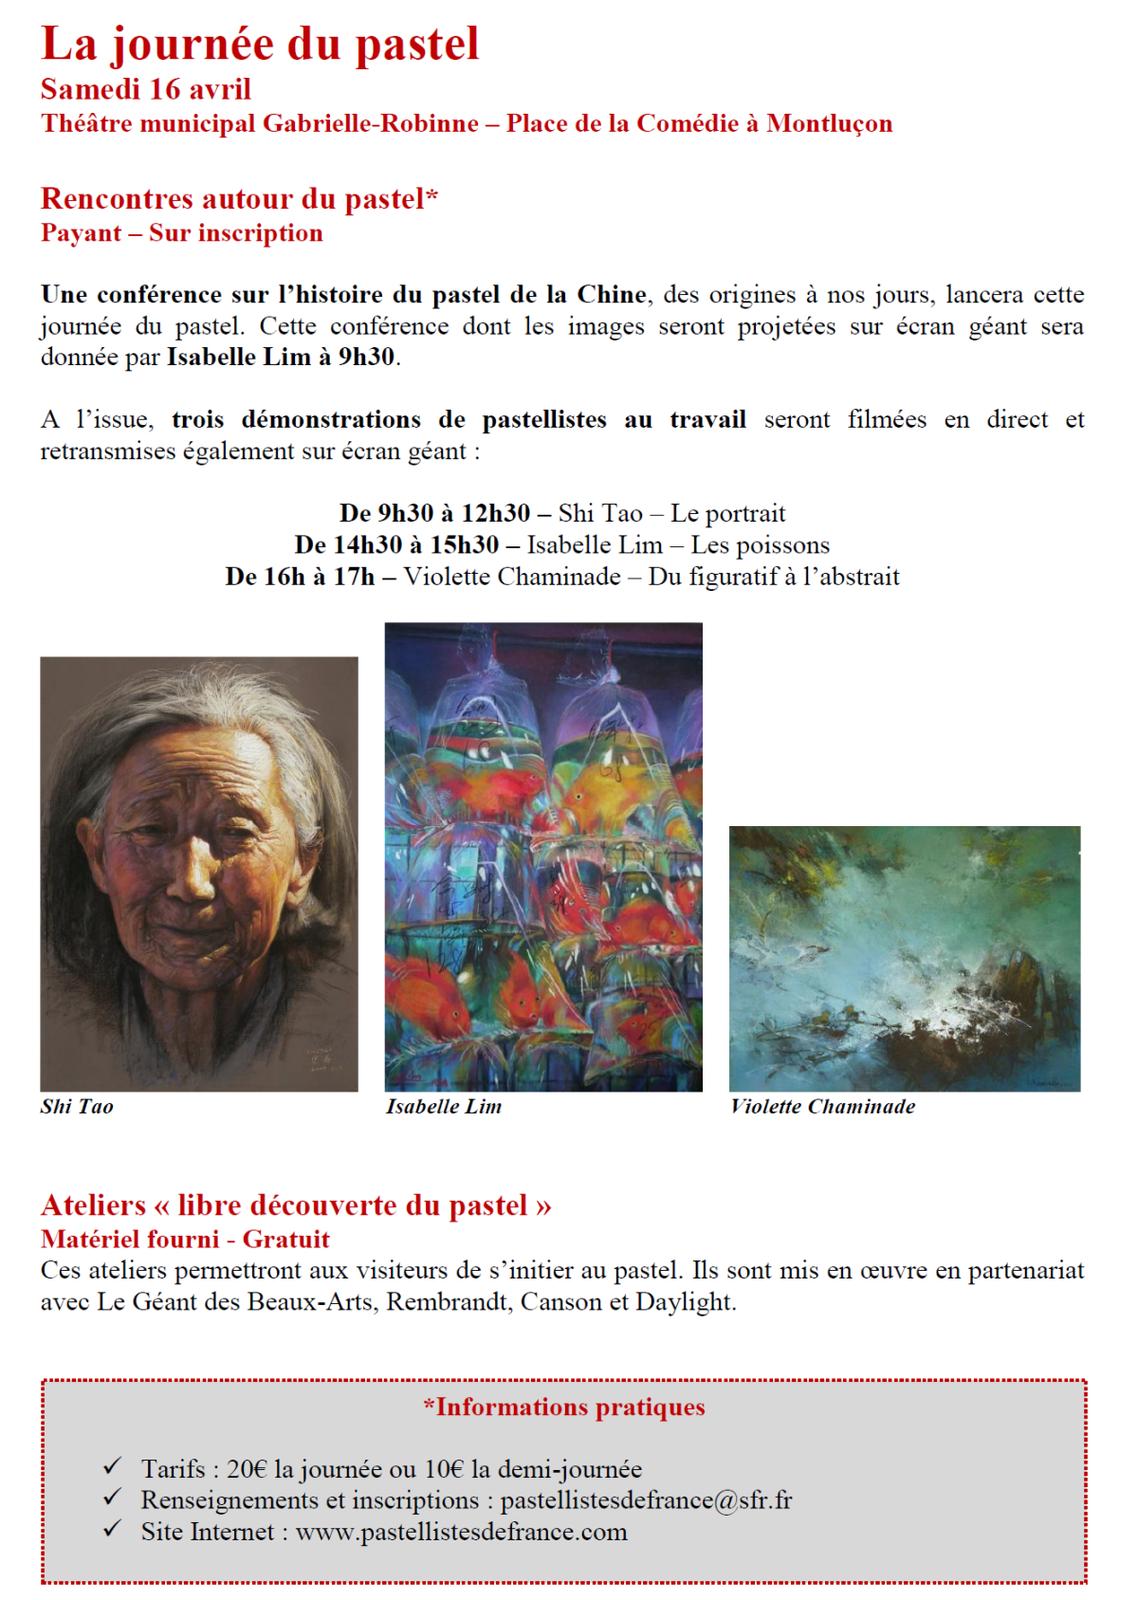 Pastel du monde 2016 :  La Chine, invitée d'honneur à Montluçon